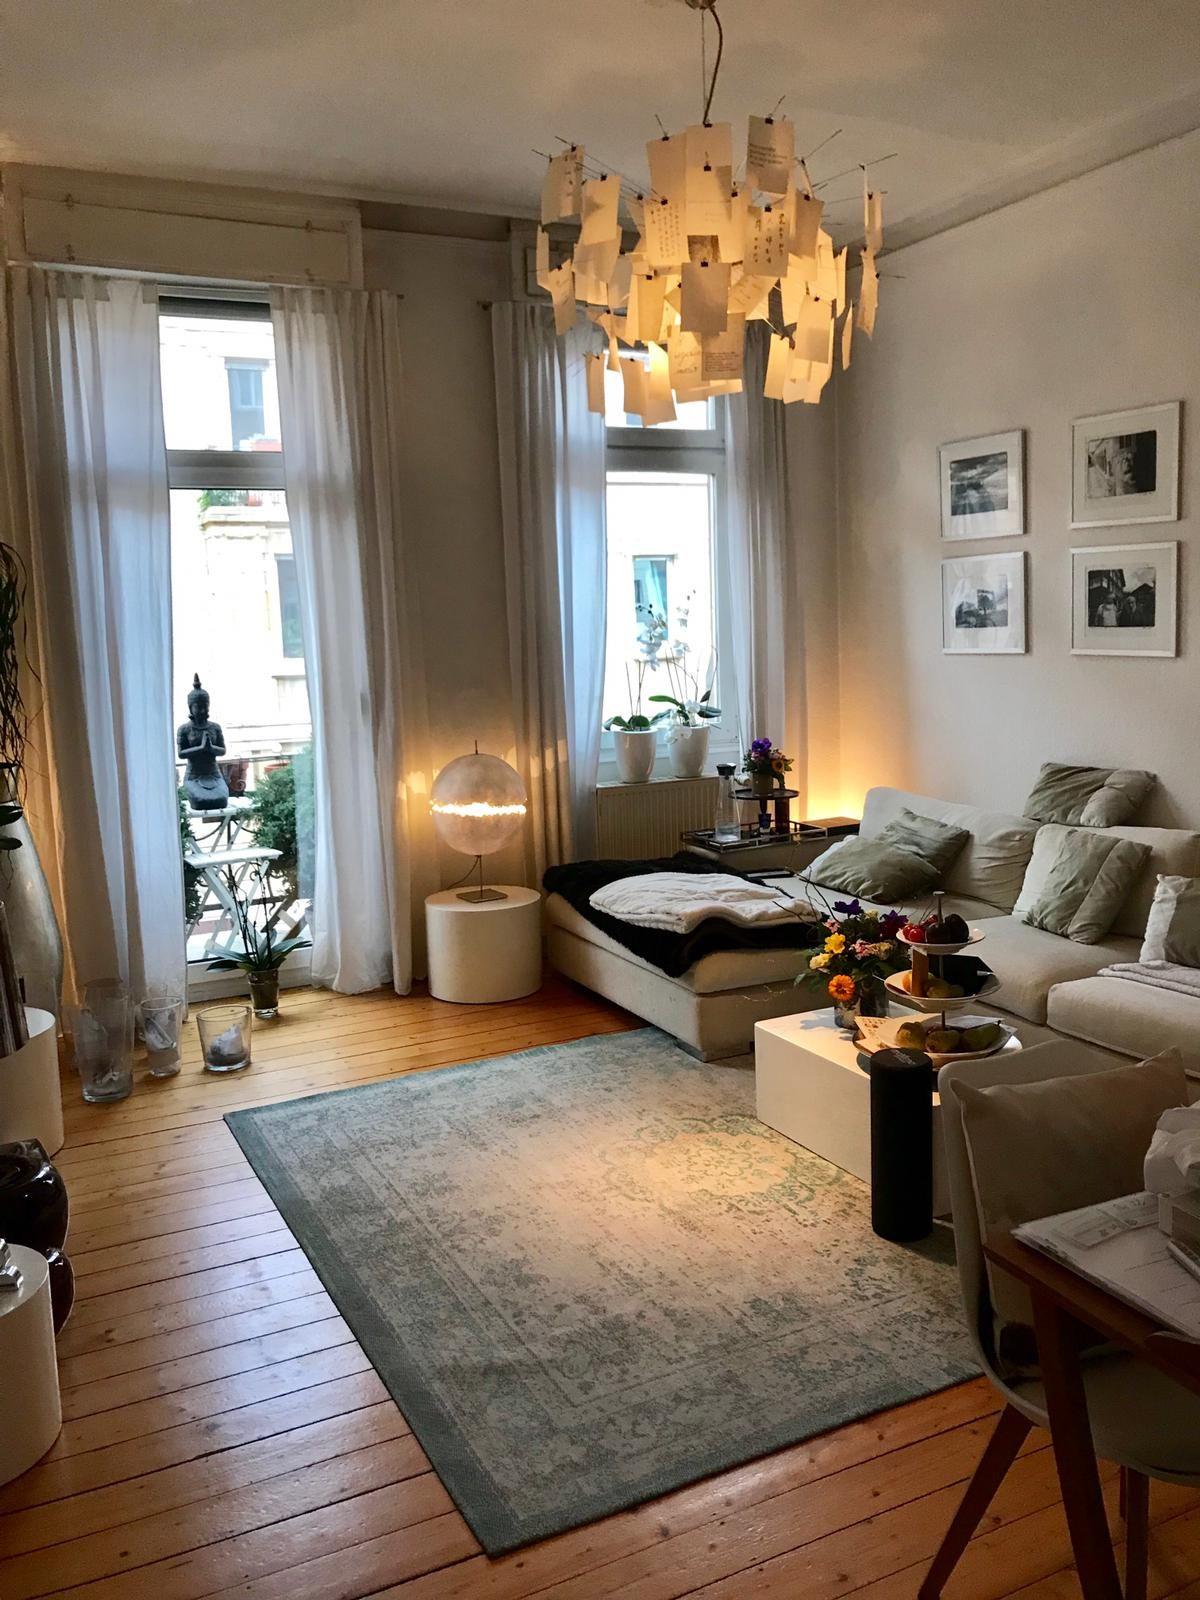 Gemütliches WG Wohnzimmer   Kleine wohnung einrichten wohnzimmer, Wohnzimmer ideen wohnung ...